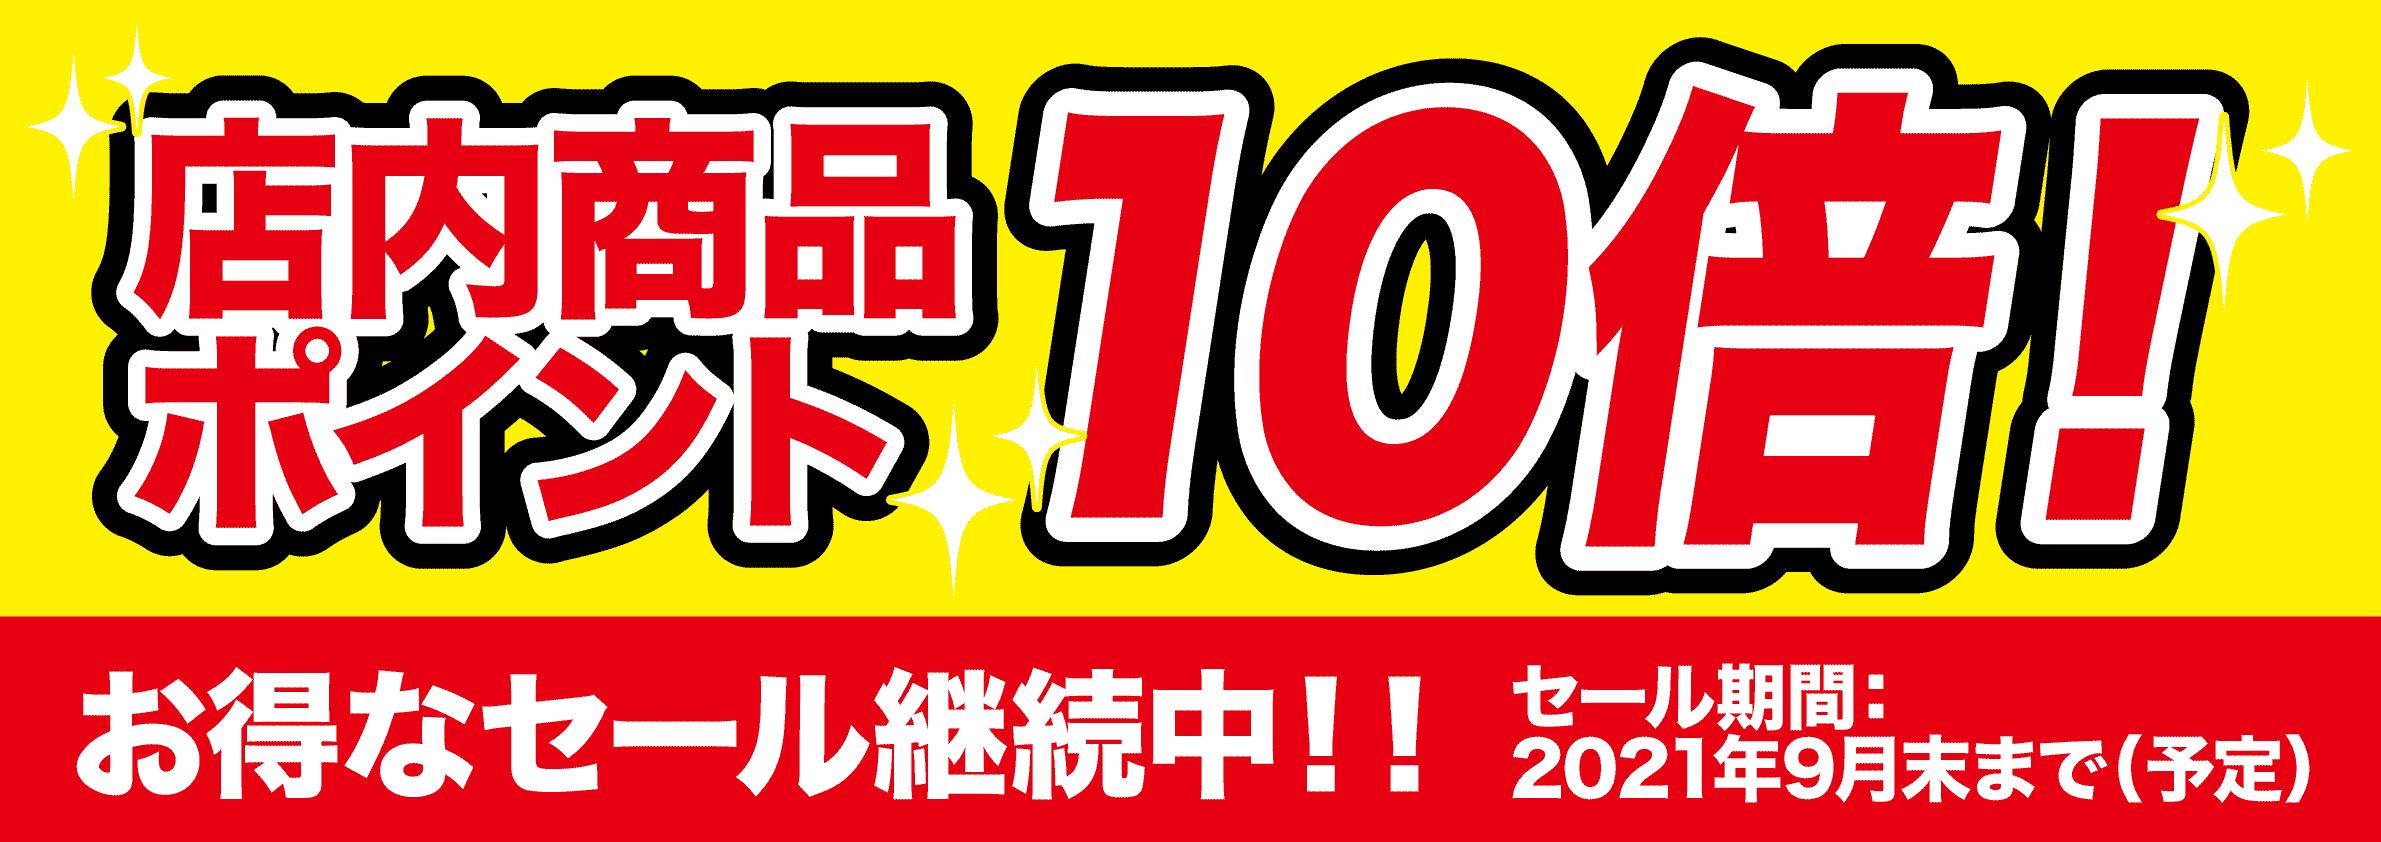 2021年9月30日まで!店内ポイント10倍セール継続中!